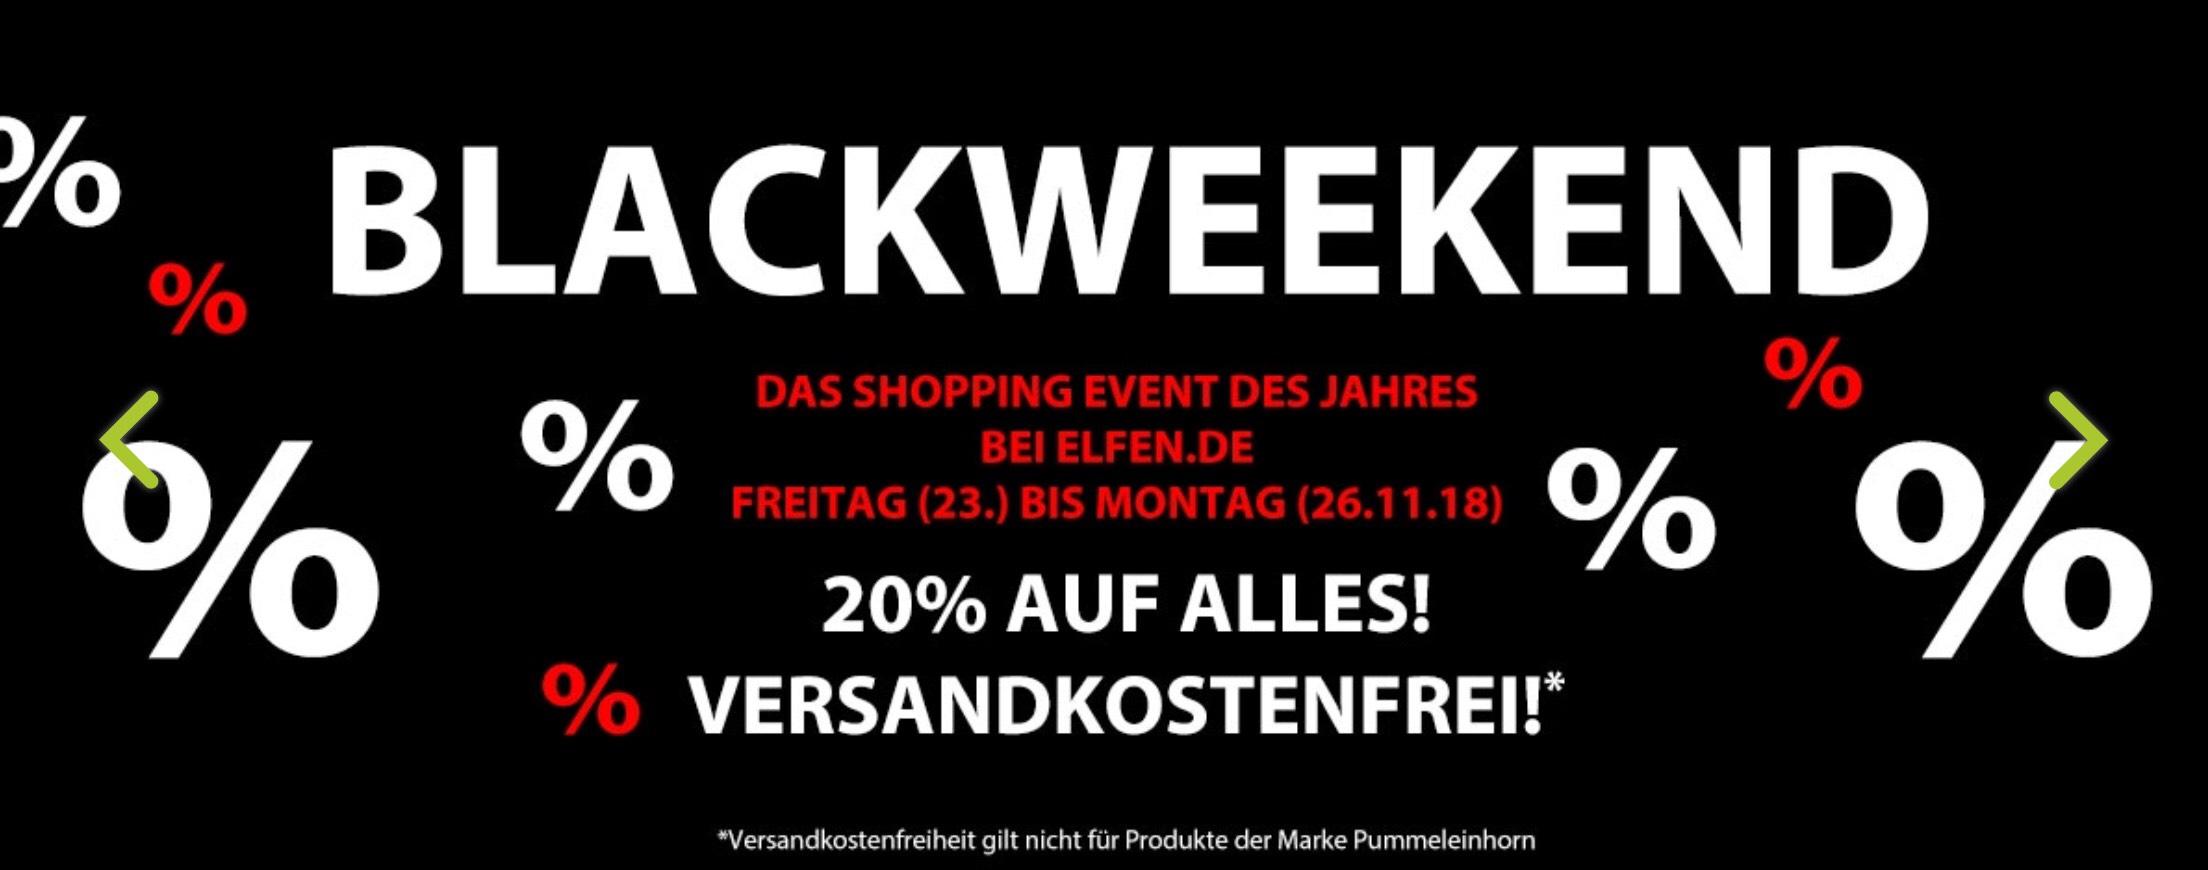 Blackfriday / Blackweekend bei Elfen.de, 20% + VSKfrei